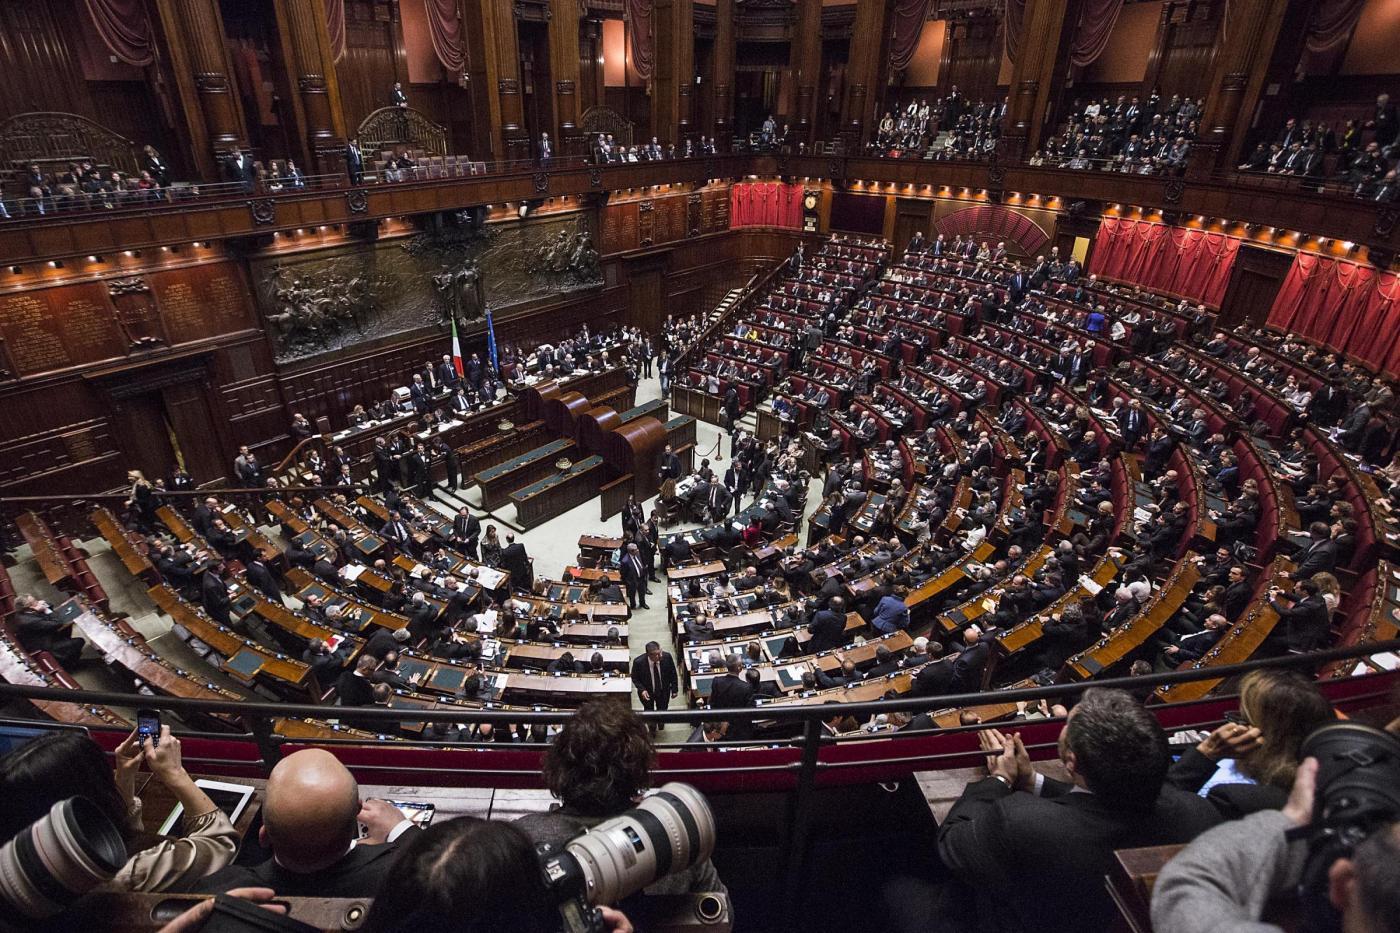 calendario dei lavori parlamentari dal 20 al 24 ottobre